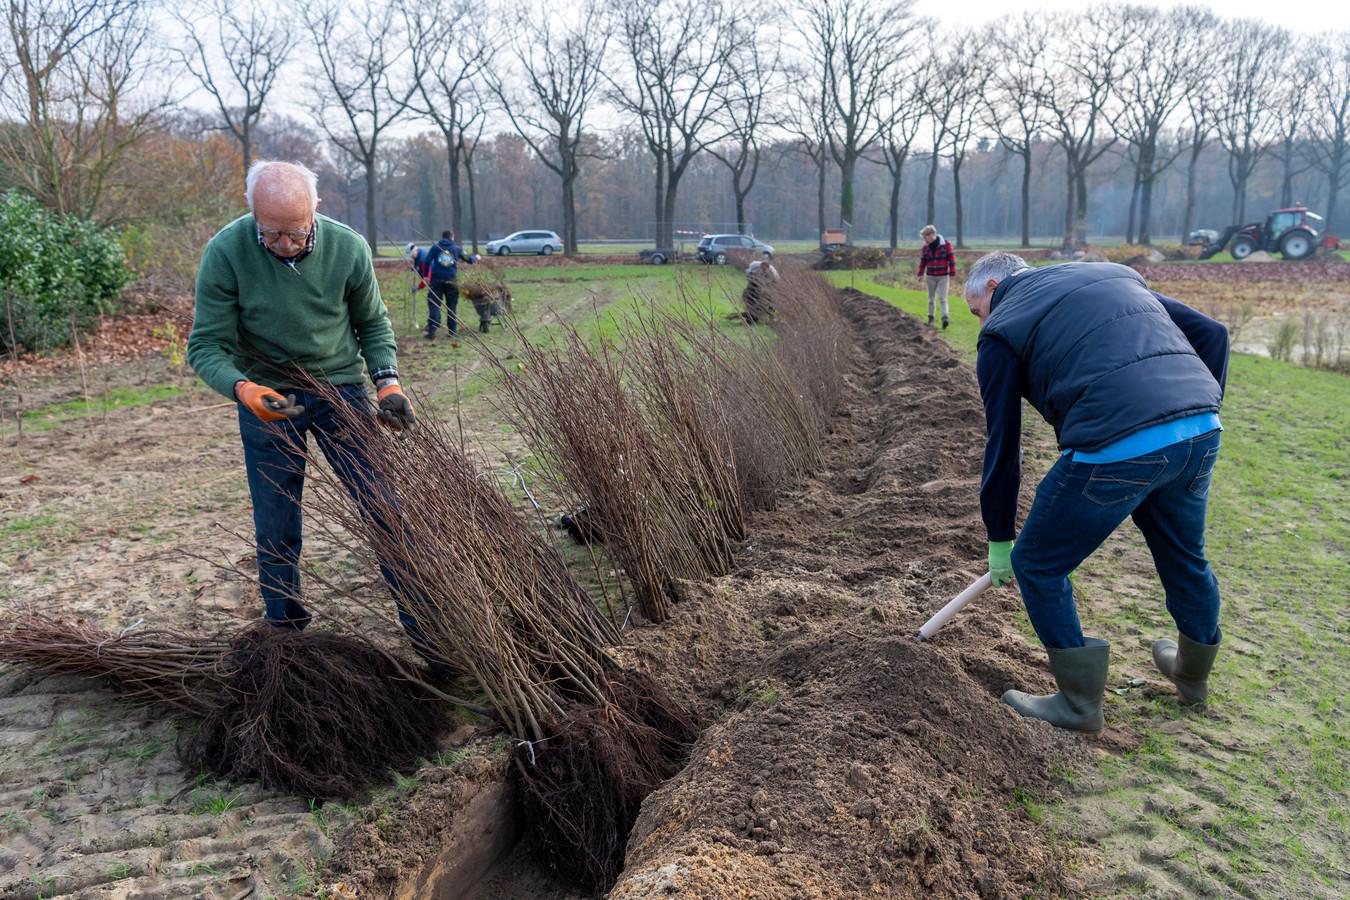 Vrijwilligers van Intents en Duurzaamheidsvallei, met links voorzitter Henk Hoppenbrouwers, zetten samen een retentiebekken in het groen.